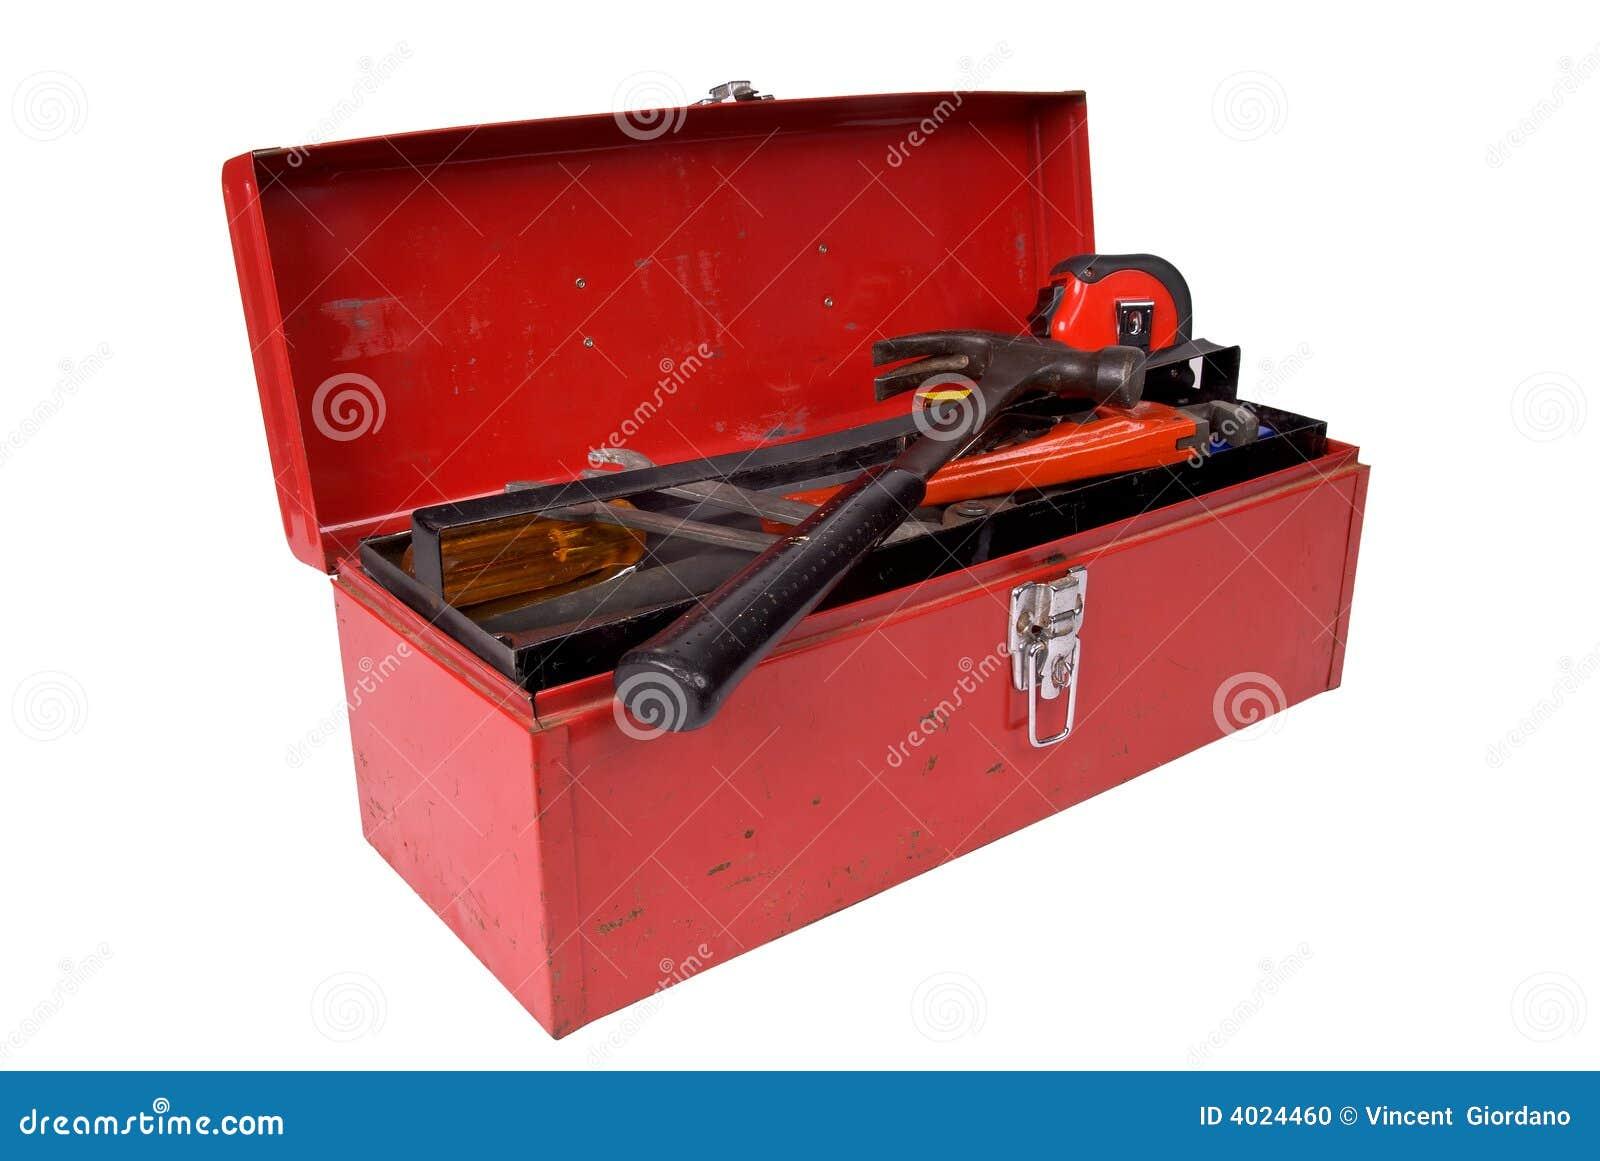 Caja de herramientas abierta foto de archivo imagen 4024460 - Caja de herramientas precio ...